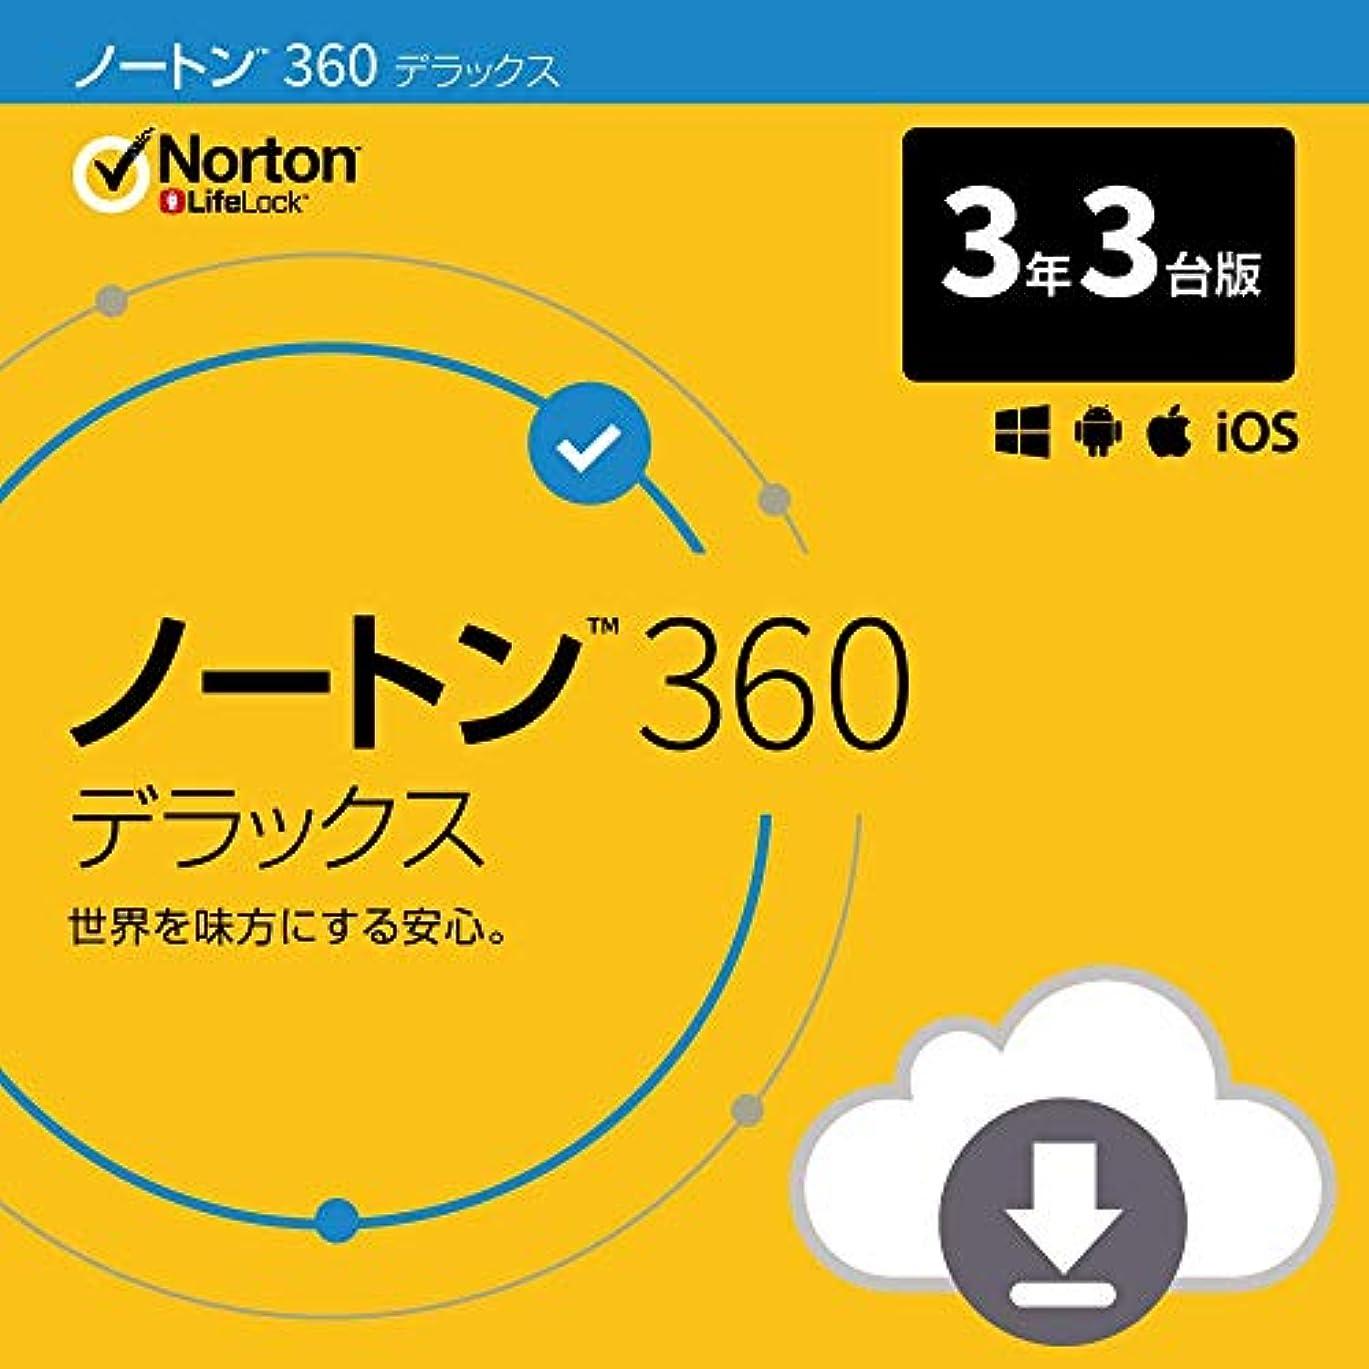 アピール狂乱メトロポリタンノートン 360 デラックス セキュリティソフト(最新) 3年3台版 オンラインコード版 Win/Mac/iOS/Android対応